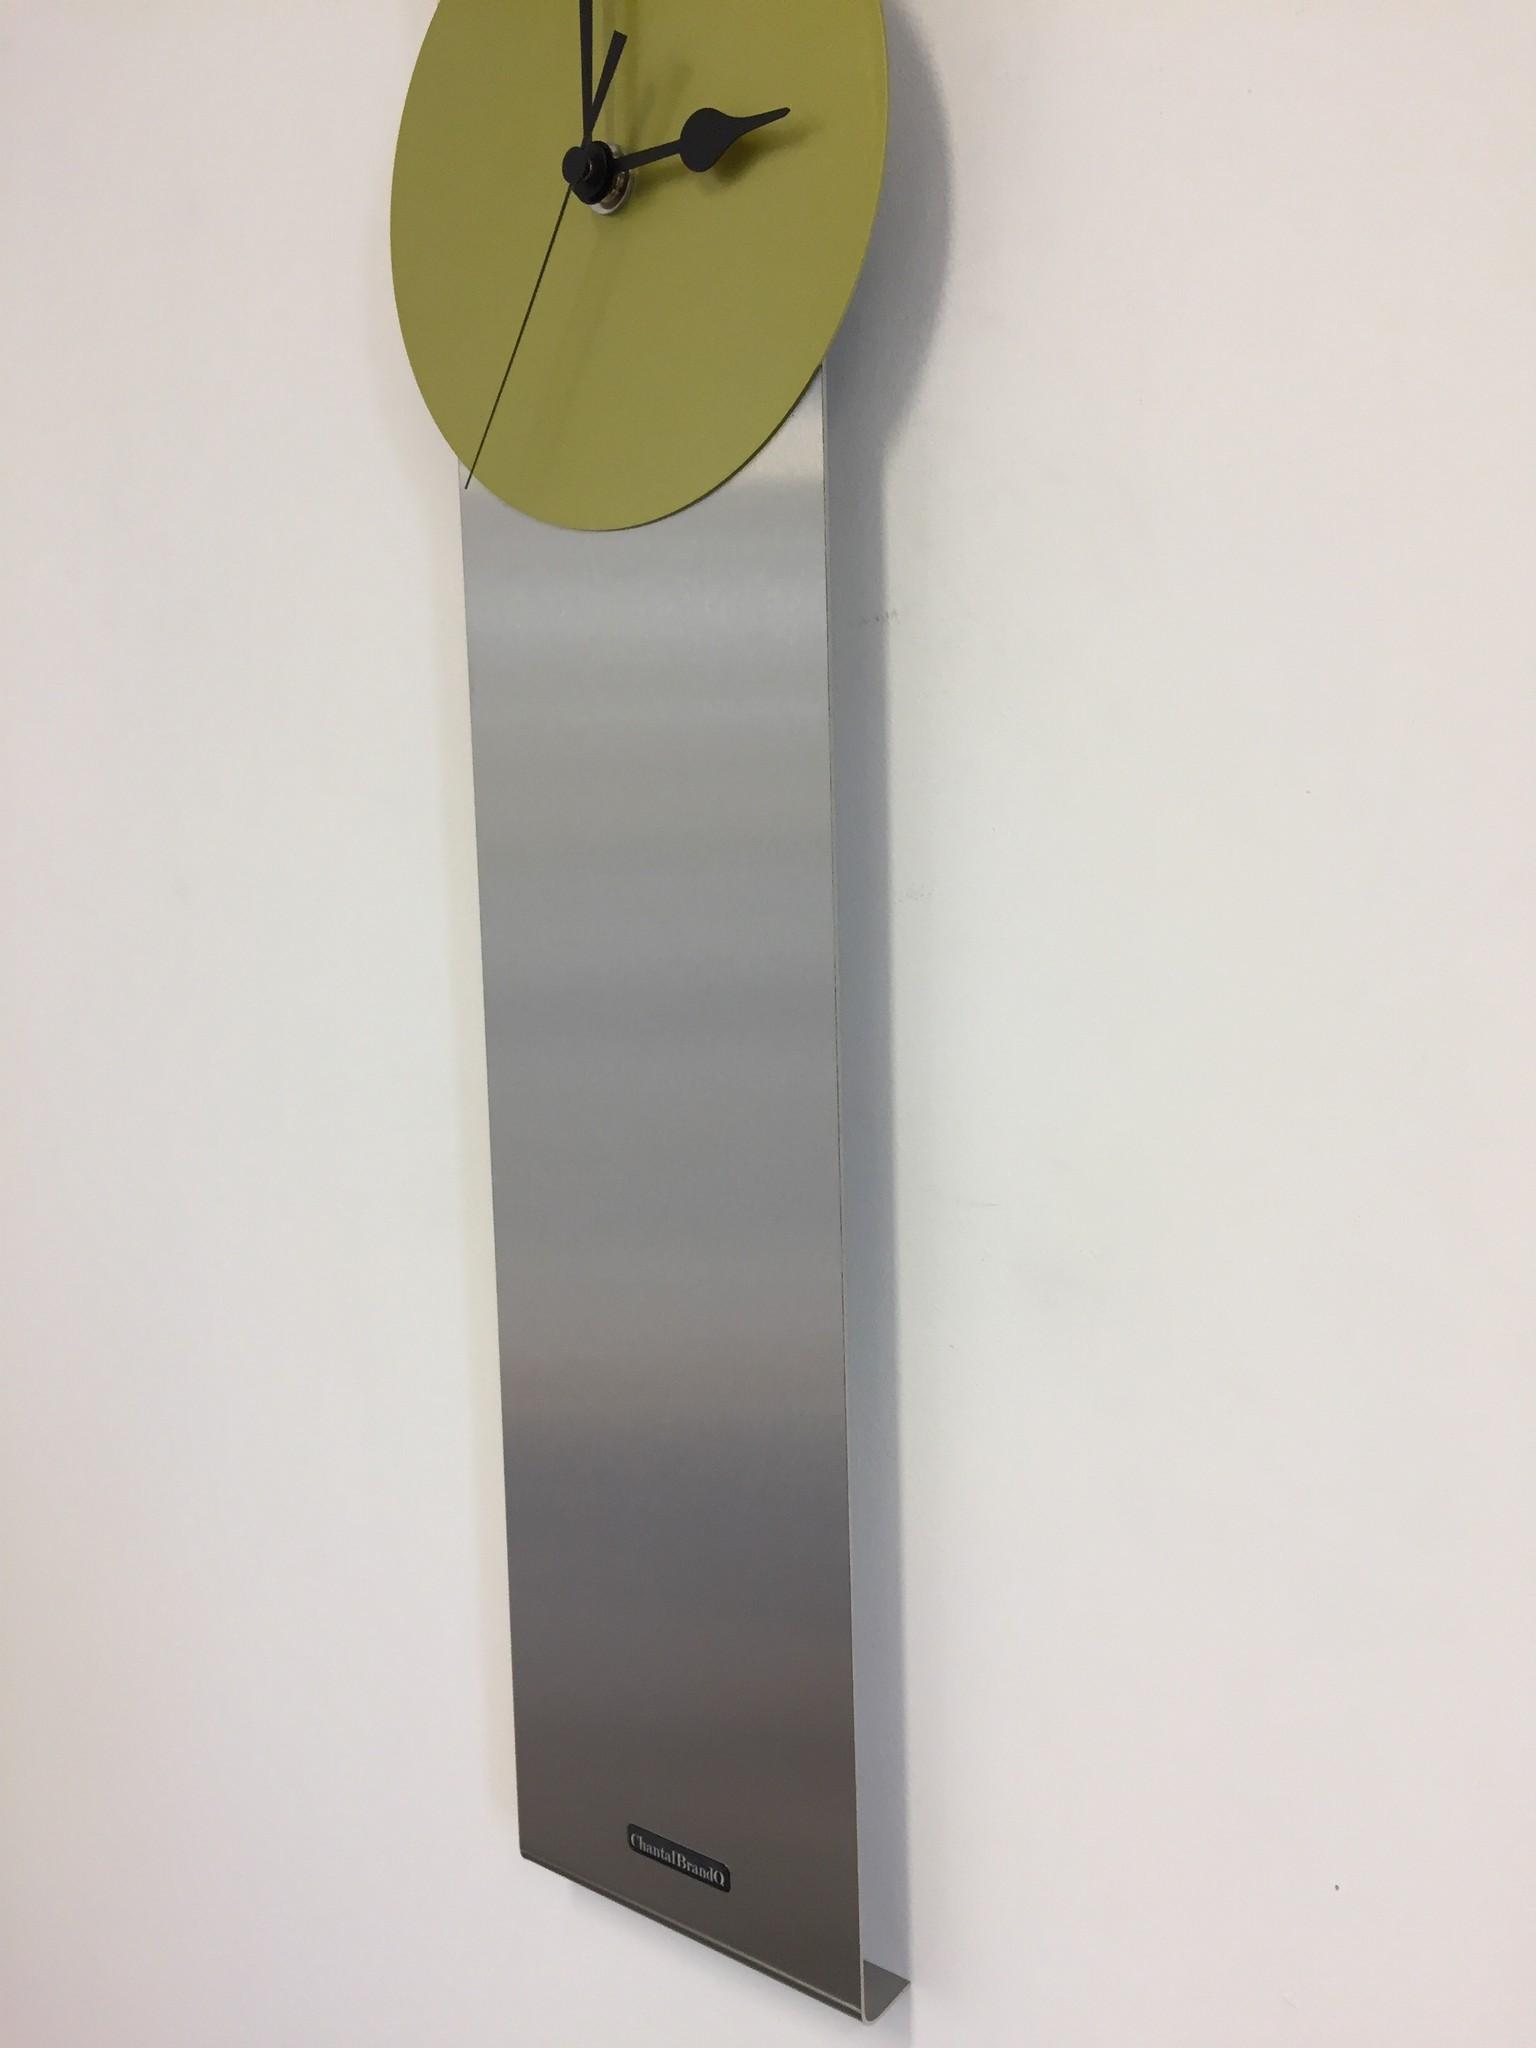 ChantalBrandO Wandklok Obelisk Limoen Groen DUTCH DESIGN